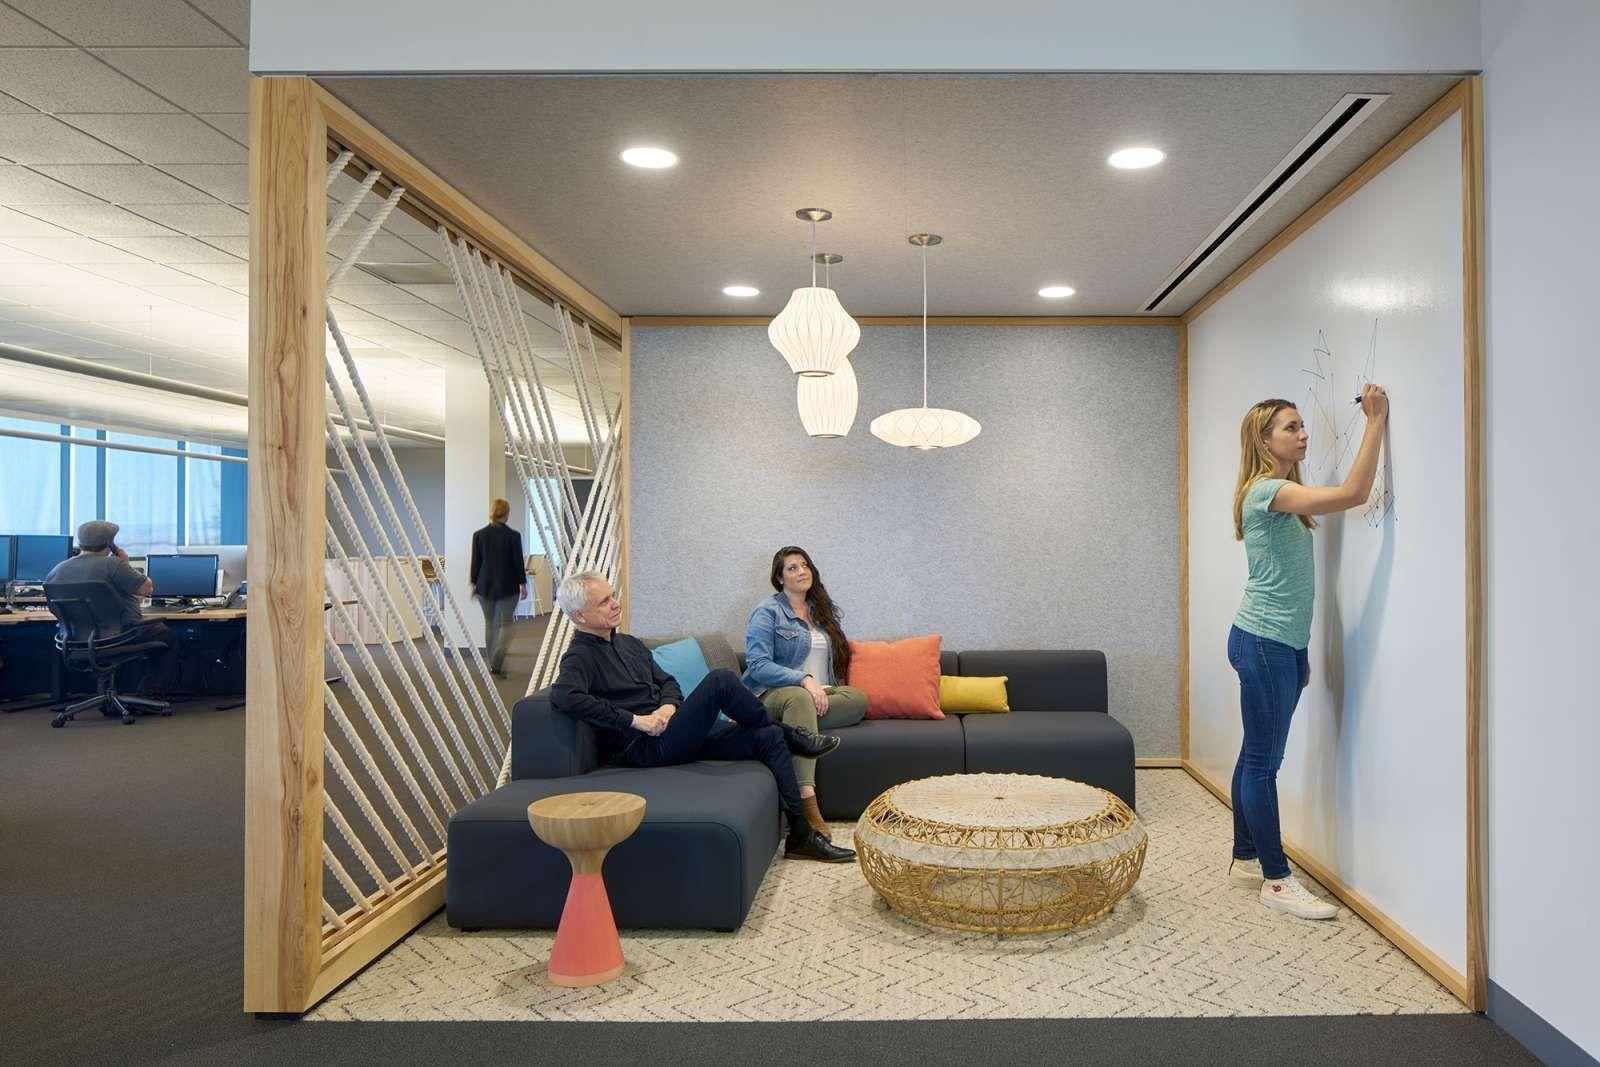 espace détente de style scandinave pour brain storming